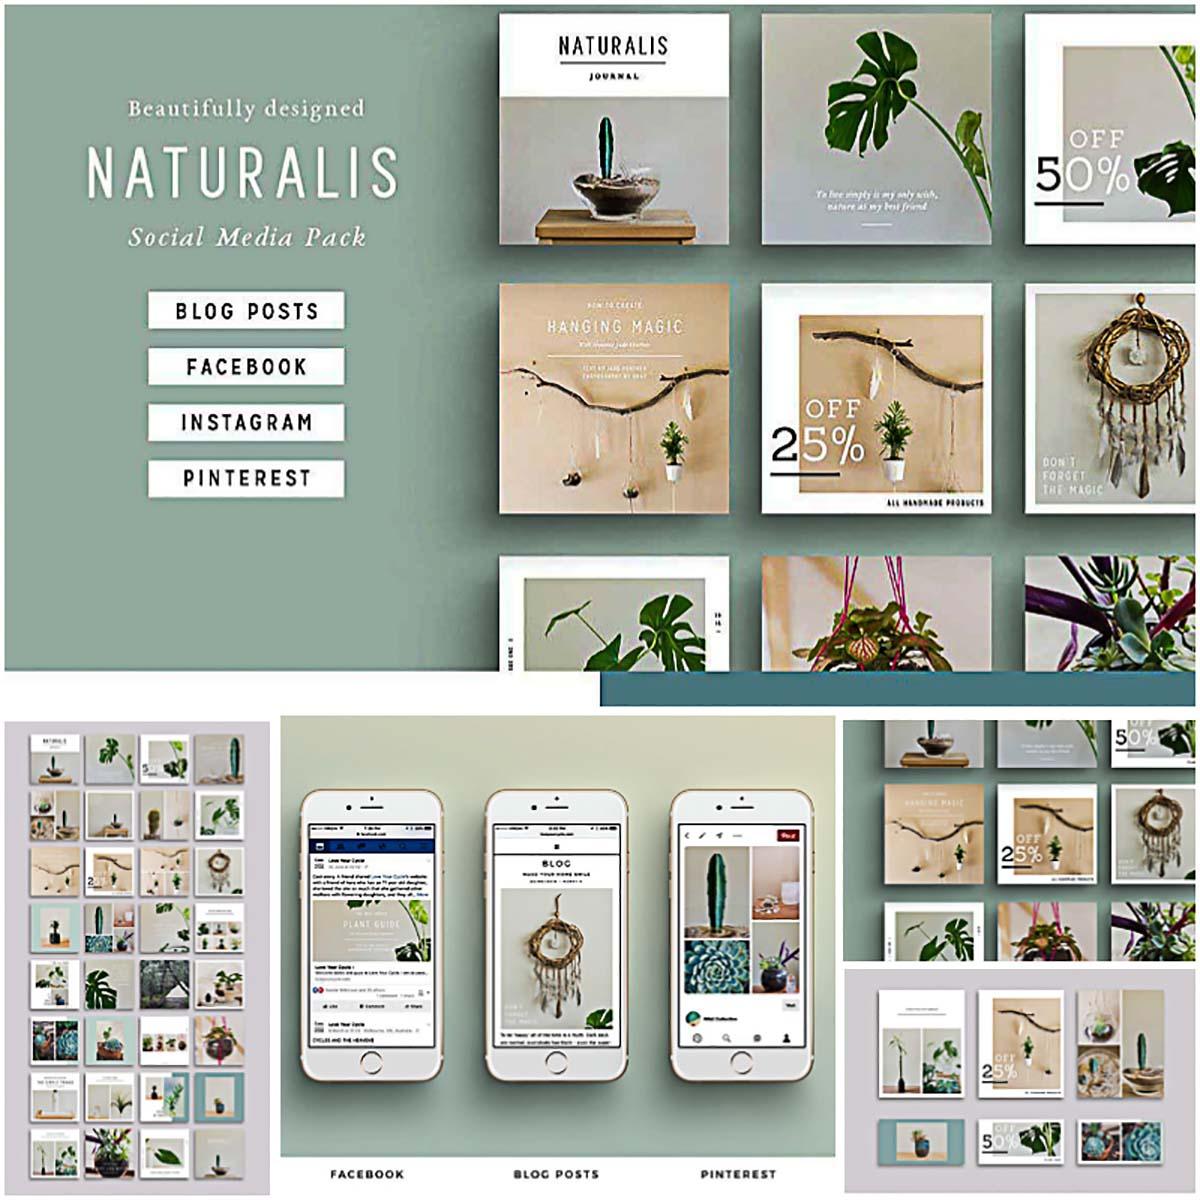 Naturalis social media banners